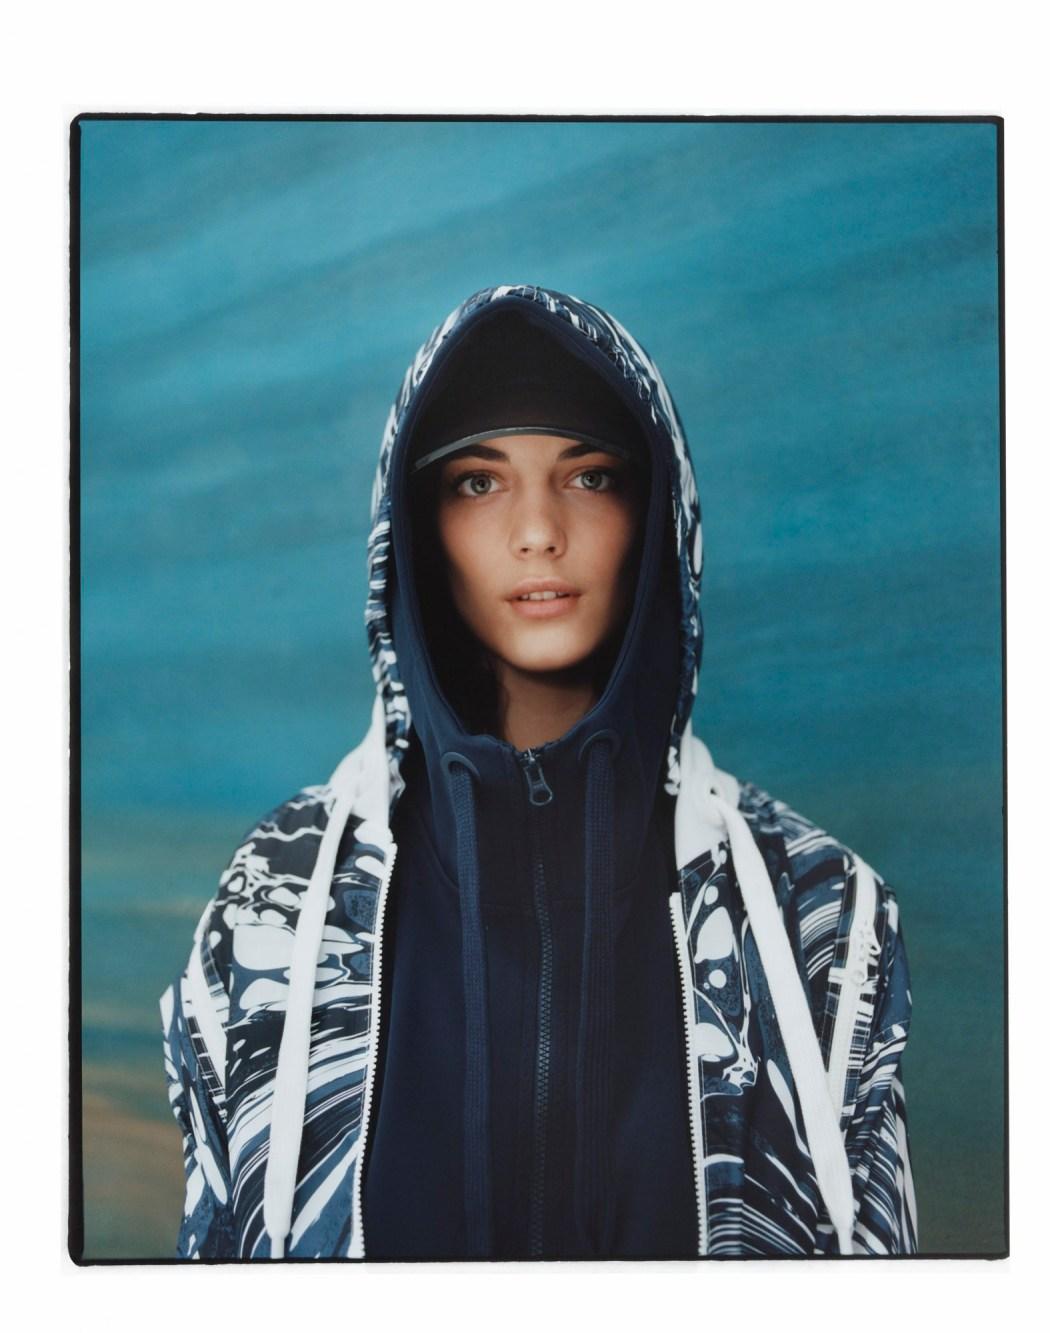 Run慢跑系列 藍色圖紋連帽外套$10,800__內襯深藍色連帽背心$5,600_1月上市